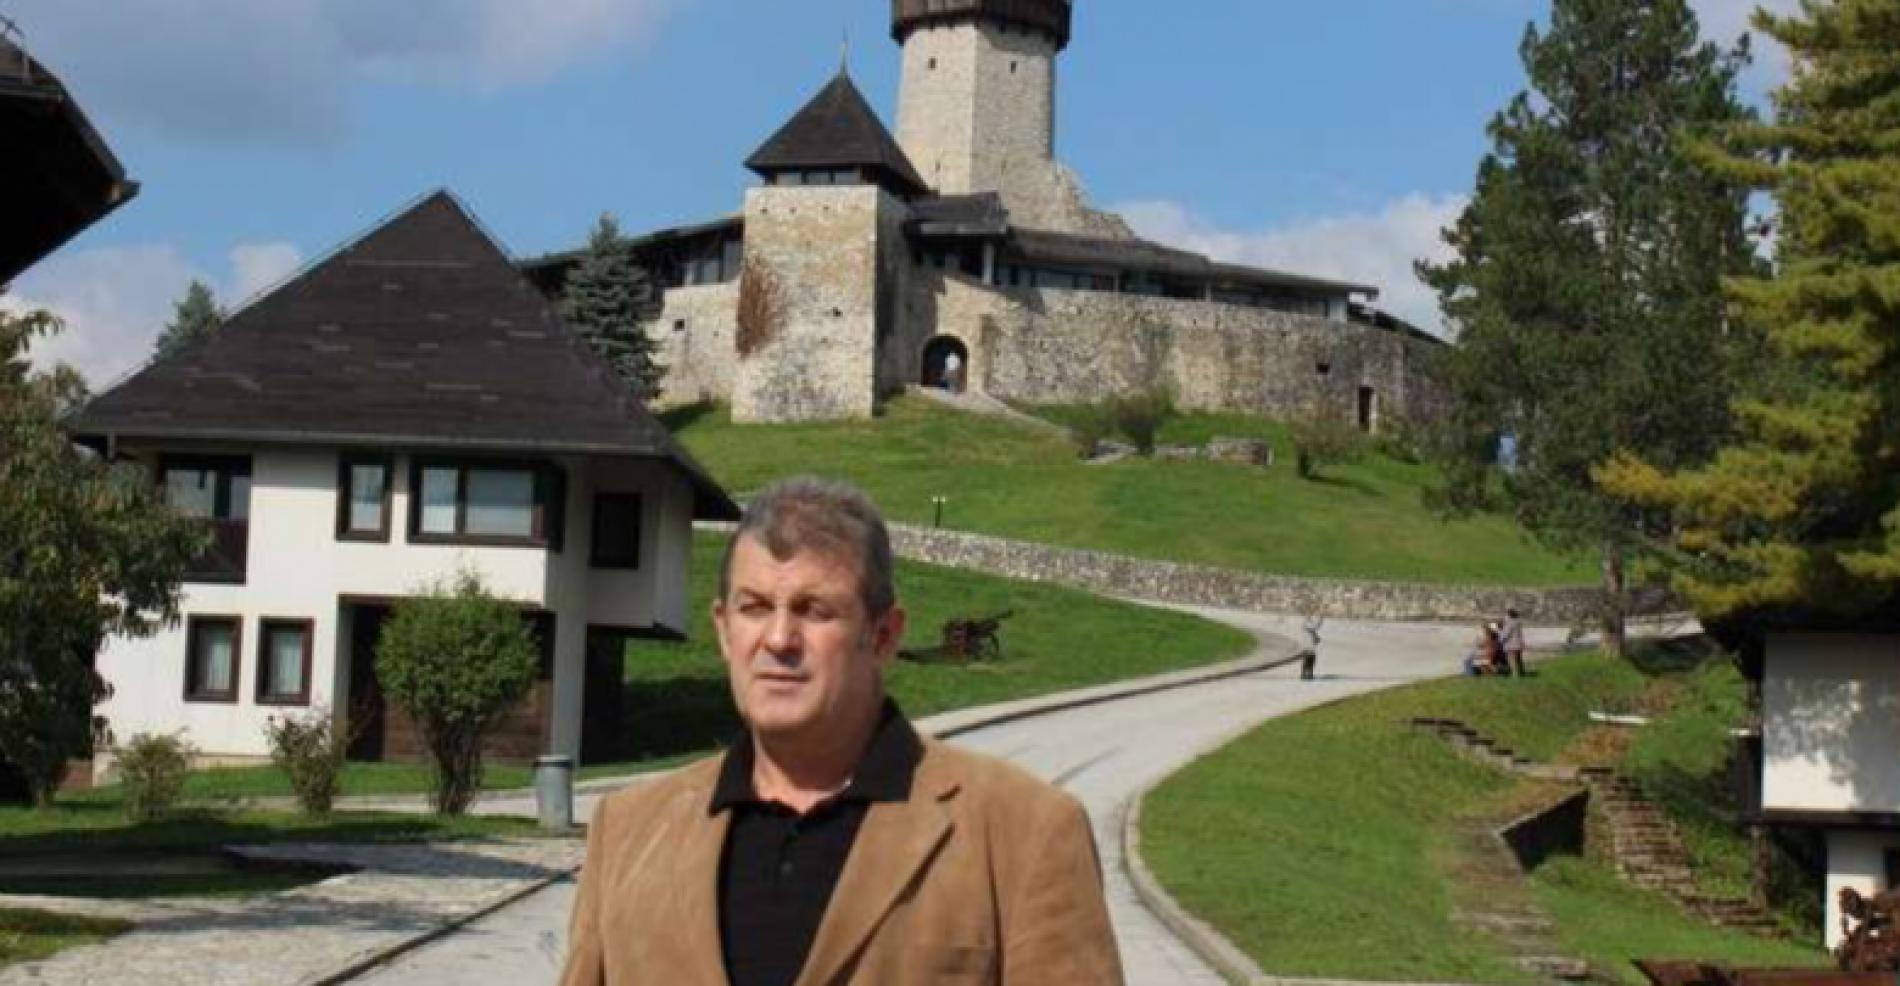 Nijaz Miljković: Patriotizam je borba da bude bolje u ovoj državi, u ratu i poslije (Video)